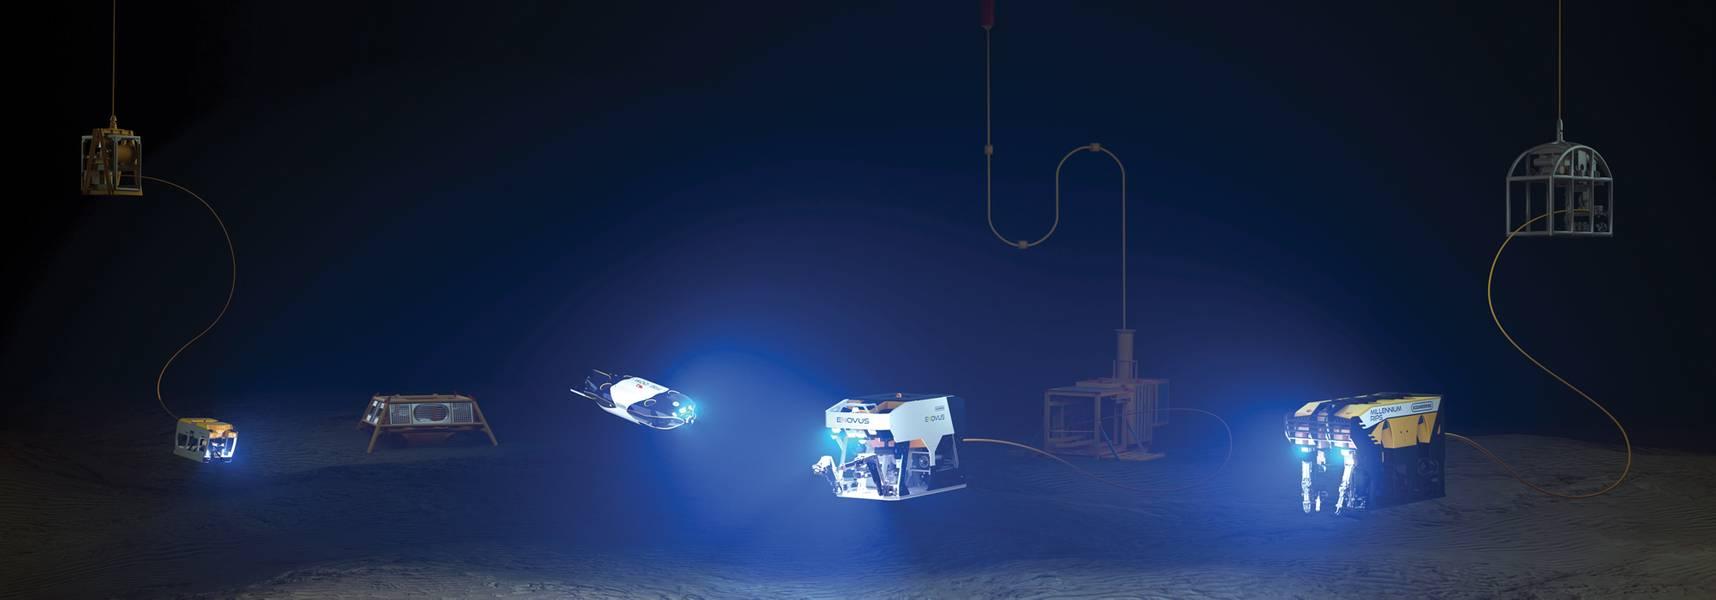 Η σειρά ROV της Oceaneering με τα οχήματα επόμενης γενιάς που περιλαμβάνουν Freedom και E-ROV. Ευγενική προσφορά της Oceaneering International